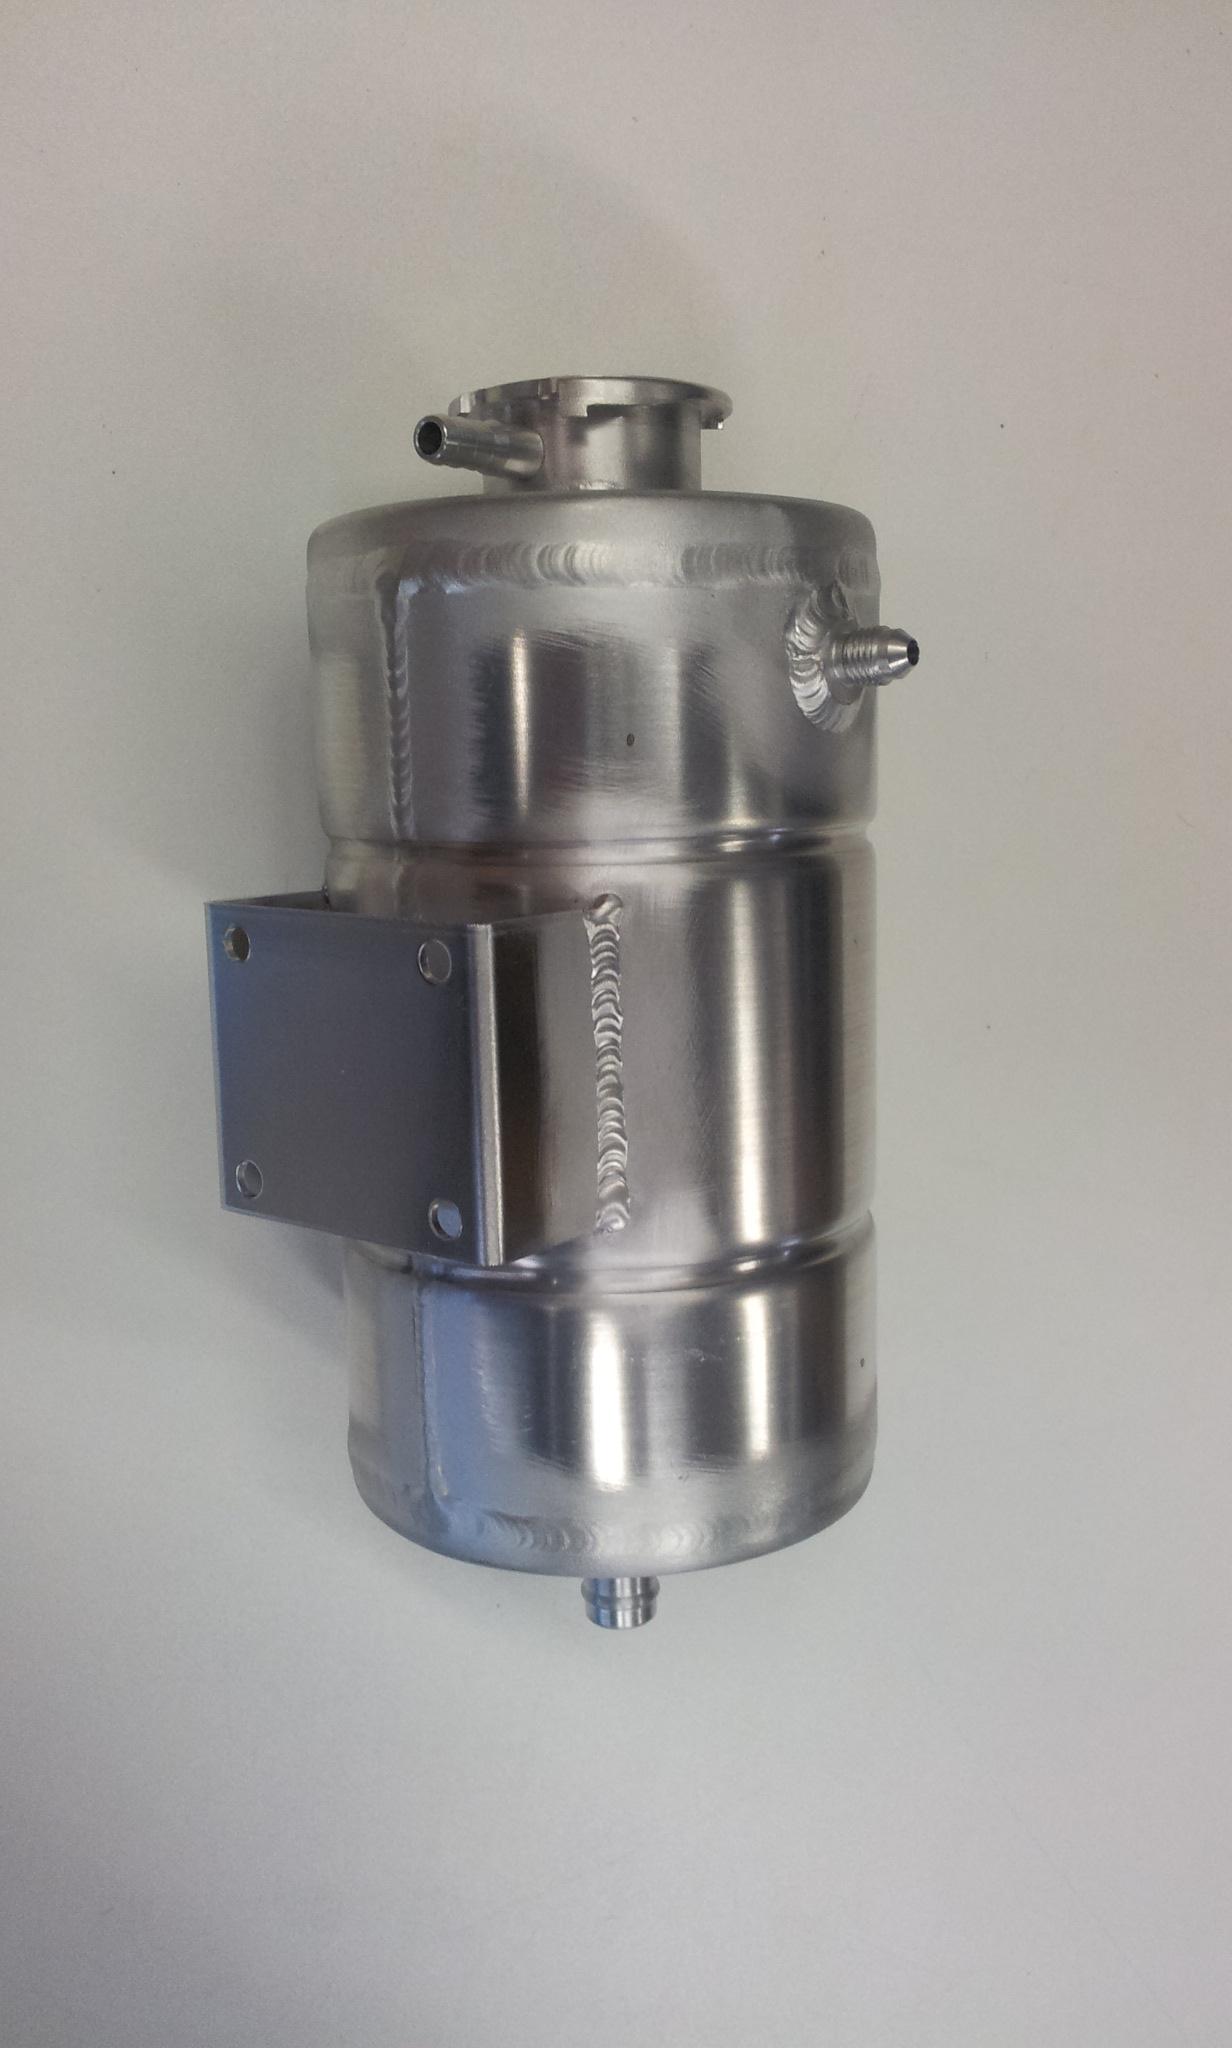 Expansie tank 1,5 liter-0